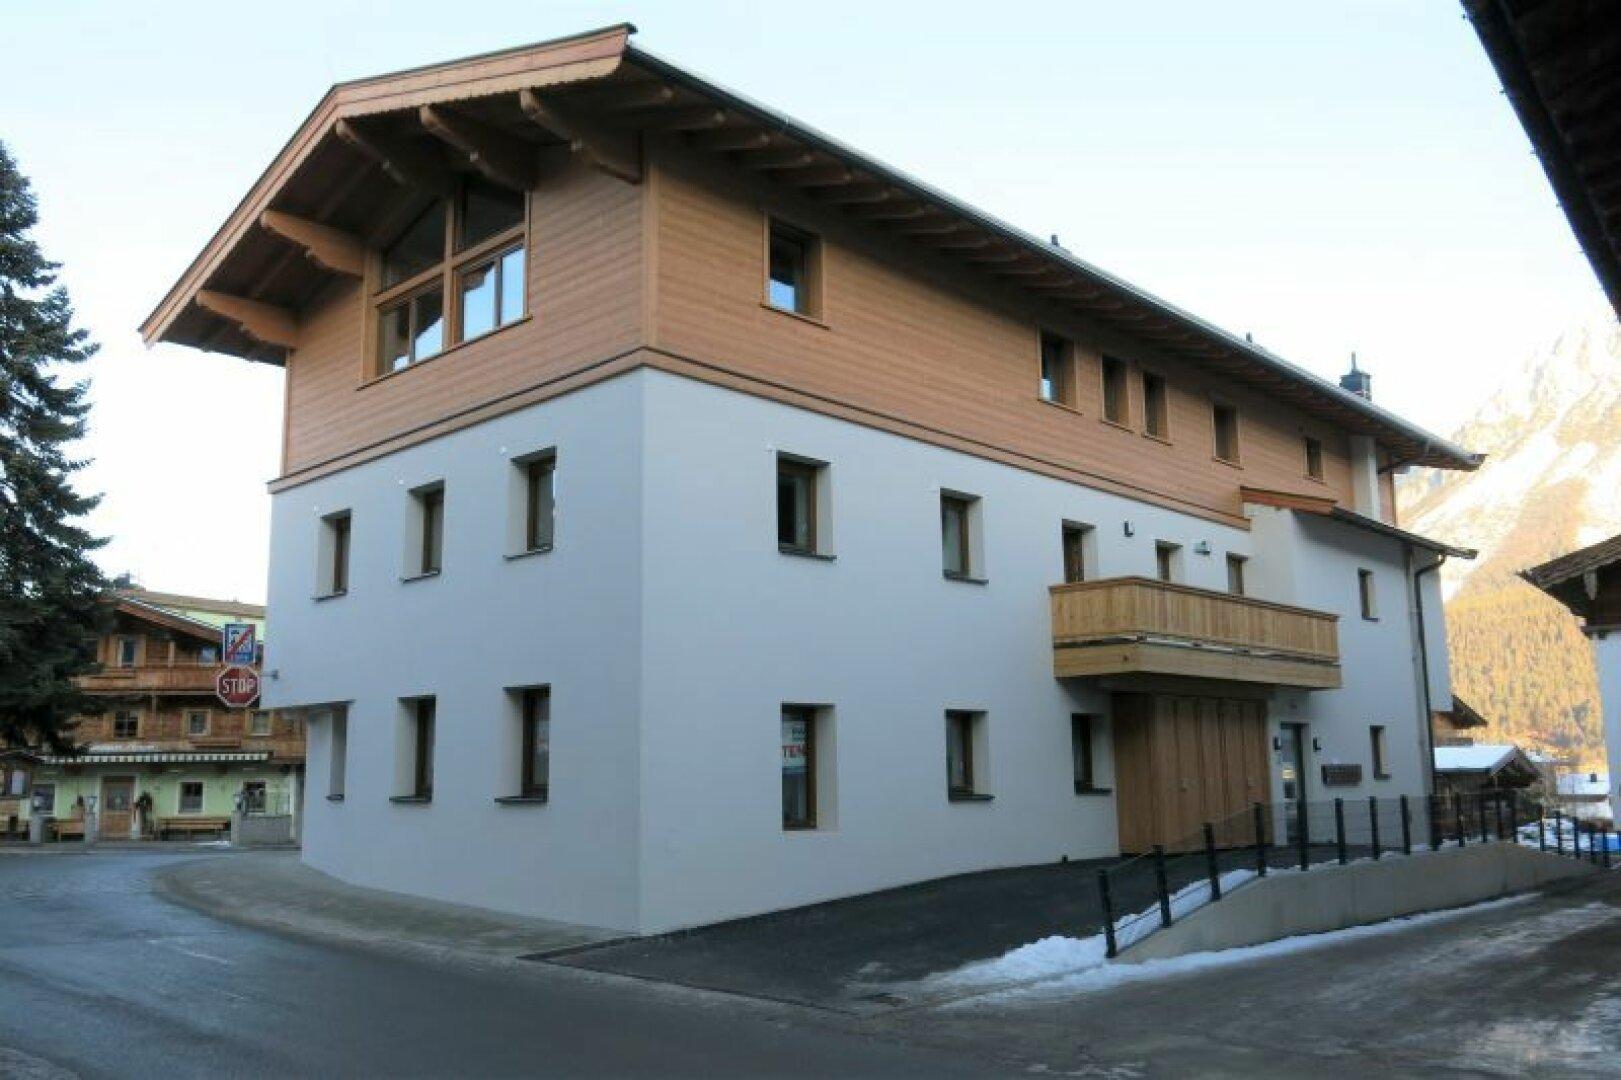 Wohn- und Geschäftshaus Ellmau, Ansicht von Südosten